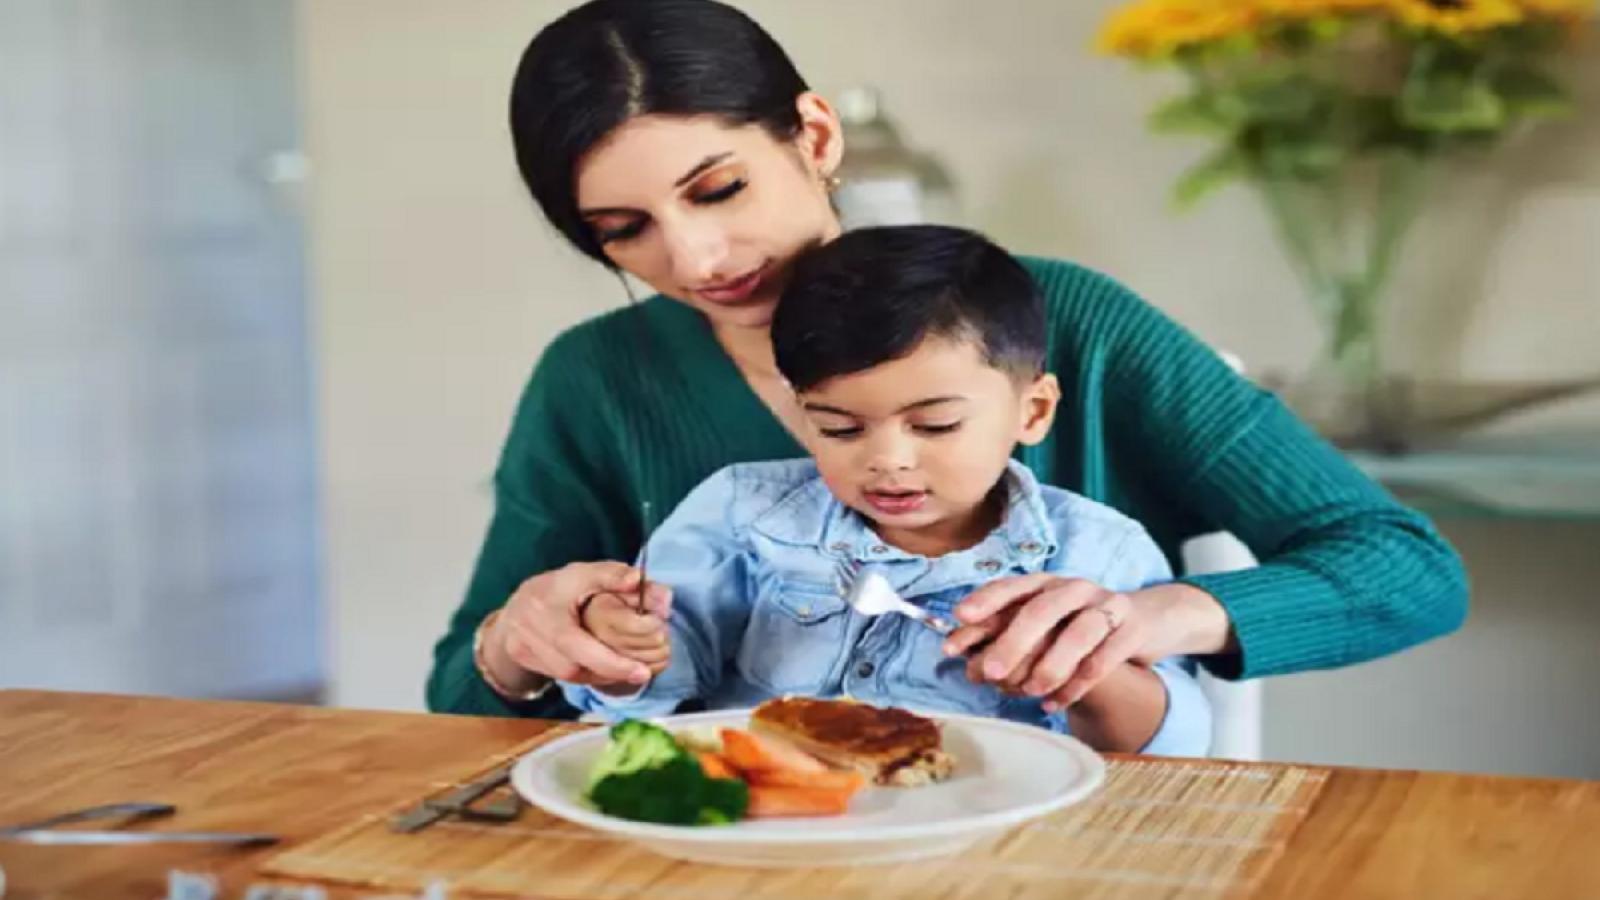 """Thực phẩm tăng cường khả năng miễn dịch của con bạn trong """"cuộc chiến COVID-19"""""""